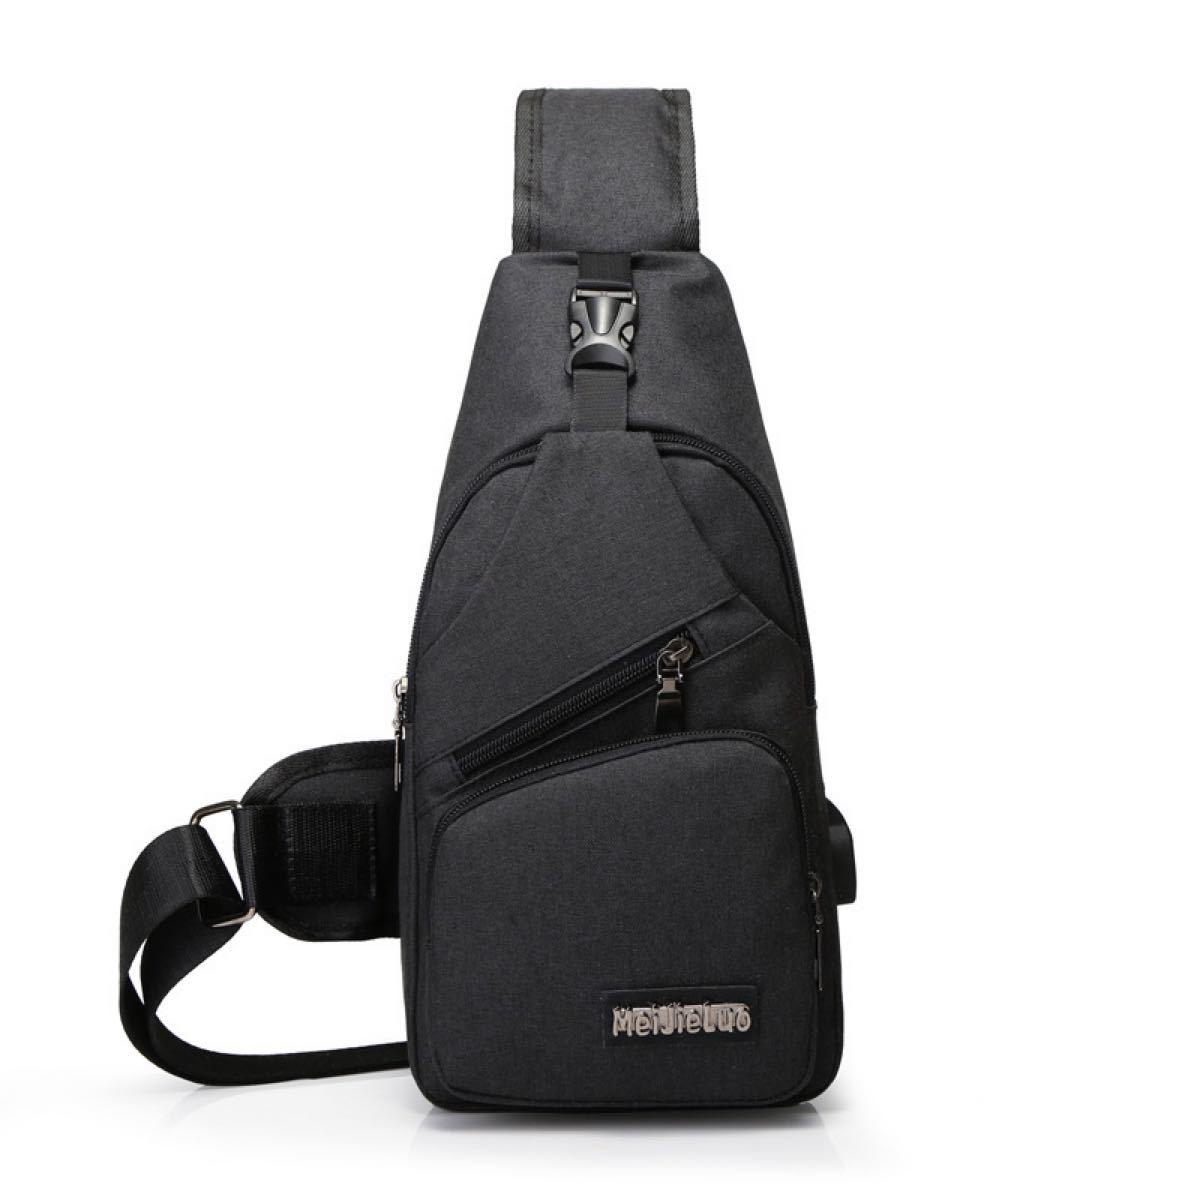 ボディバッグ ショルダーバッグ  軽量 USBポート付き 斜め掛け おしゃれ   メンズバッグ ボディバッグ